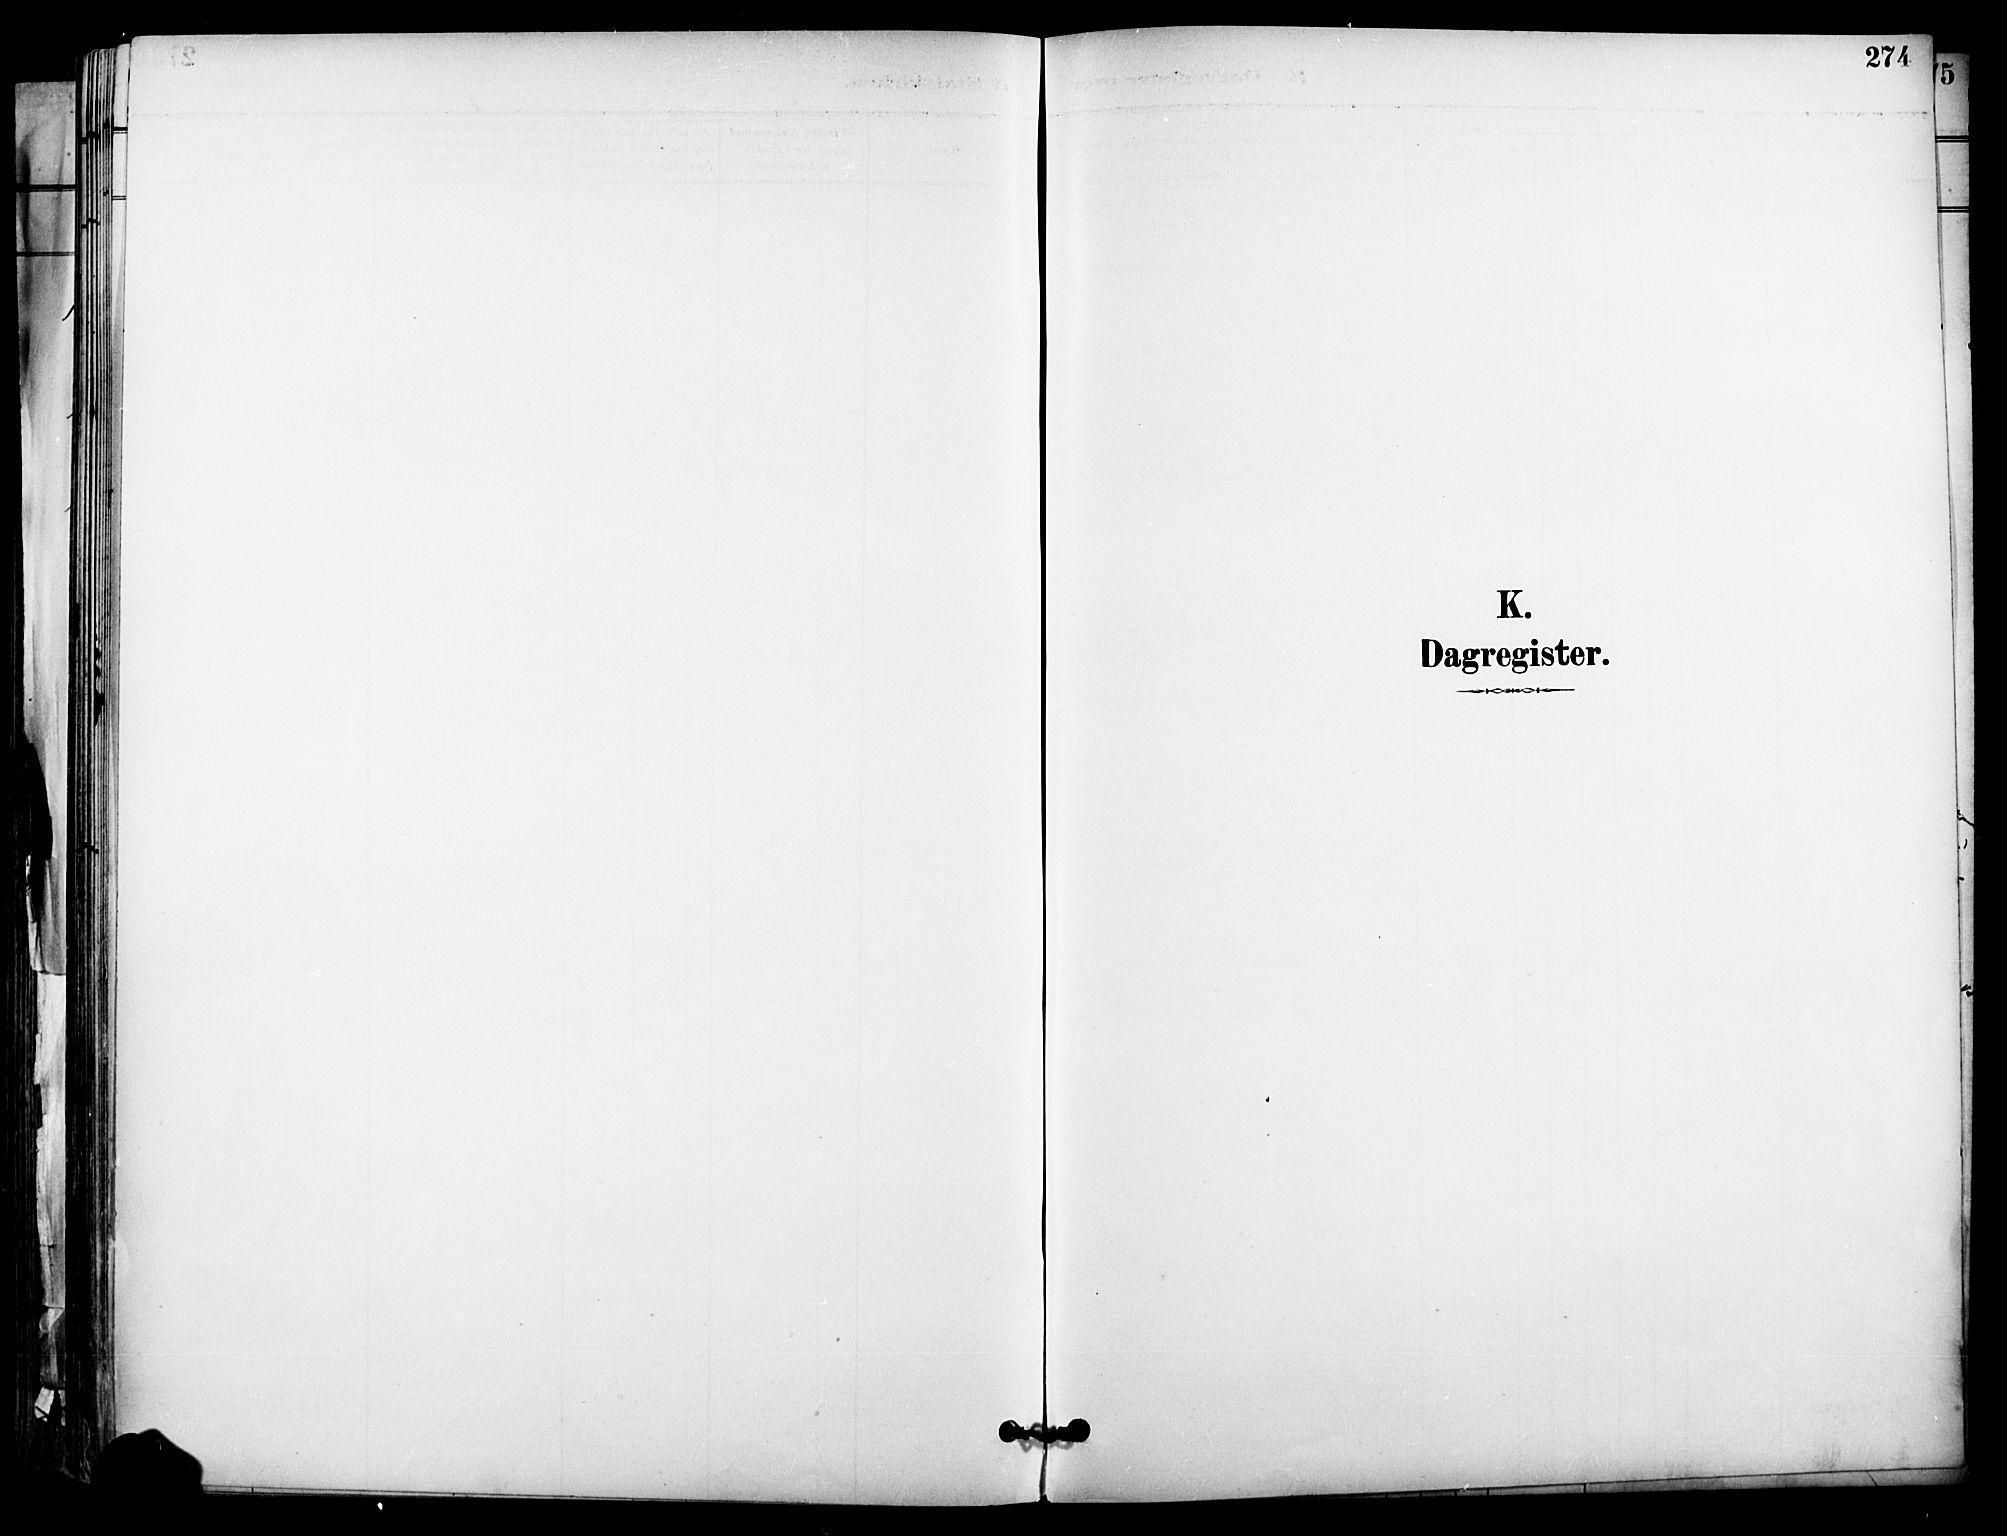 SAO, Garnisonsmenigheten Kirkebøker, F/Fa/L0013: Parish register (official) no. 13, 1894-1904, p. 274